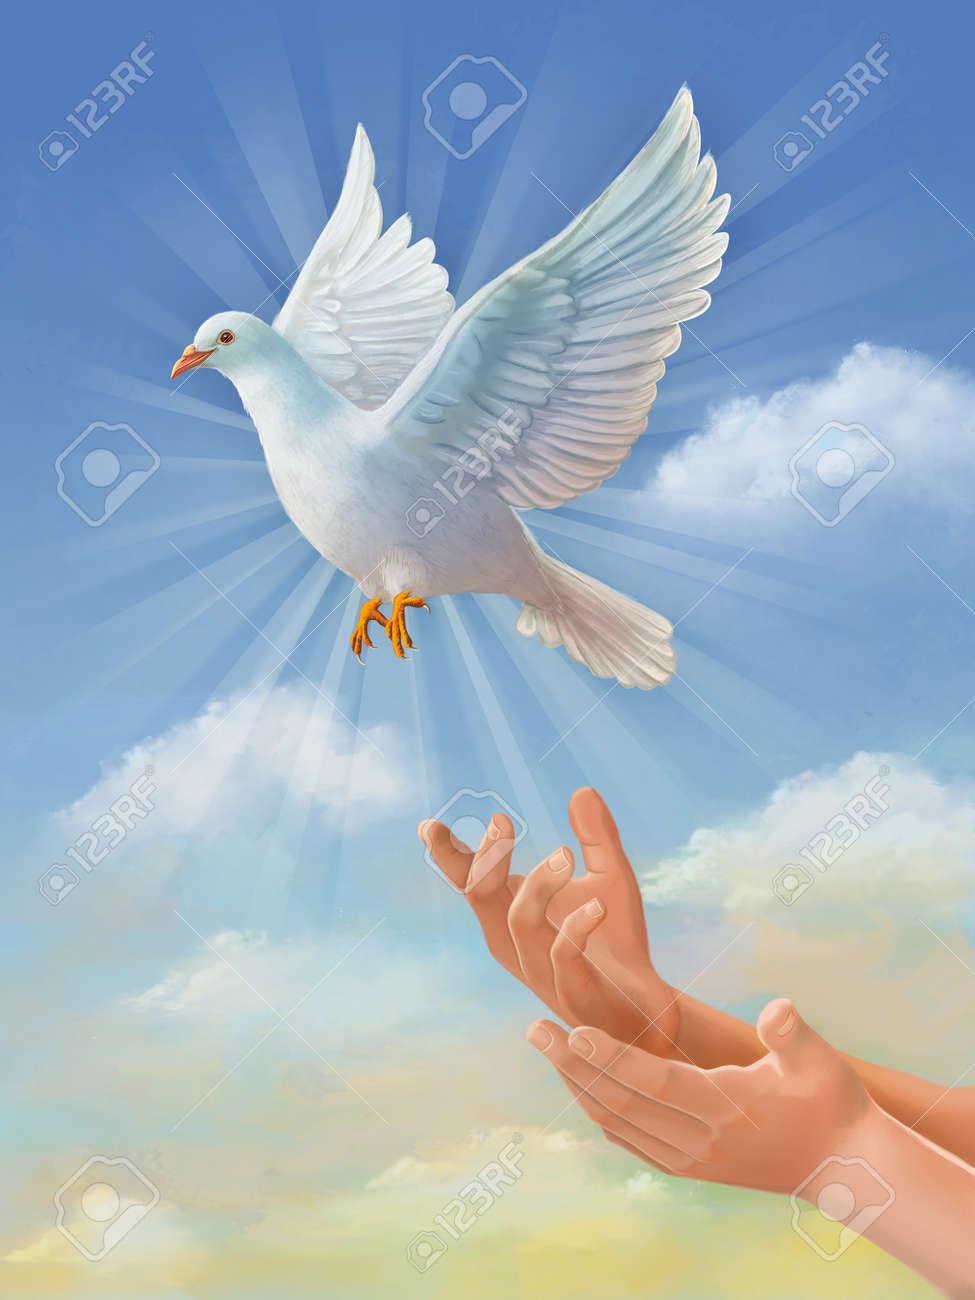 https://previews.123rf.com/images/andreus/andreus1709/andreus170900012/85583821-colombe-blanche-symbole-de-la-paix-volant-dans-le-ciel-illustration-num%C3%A9rique-originale-peinte-%C3%A0-l-ai.jpg